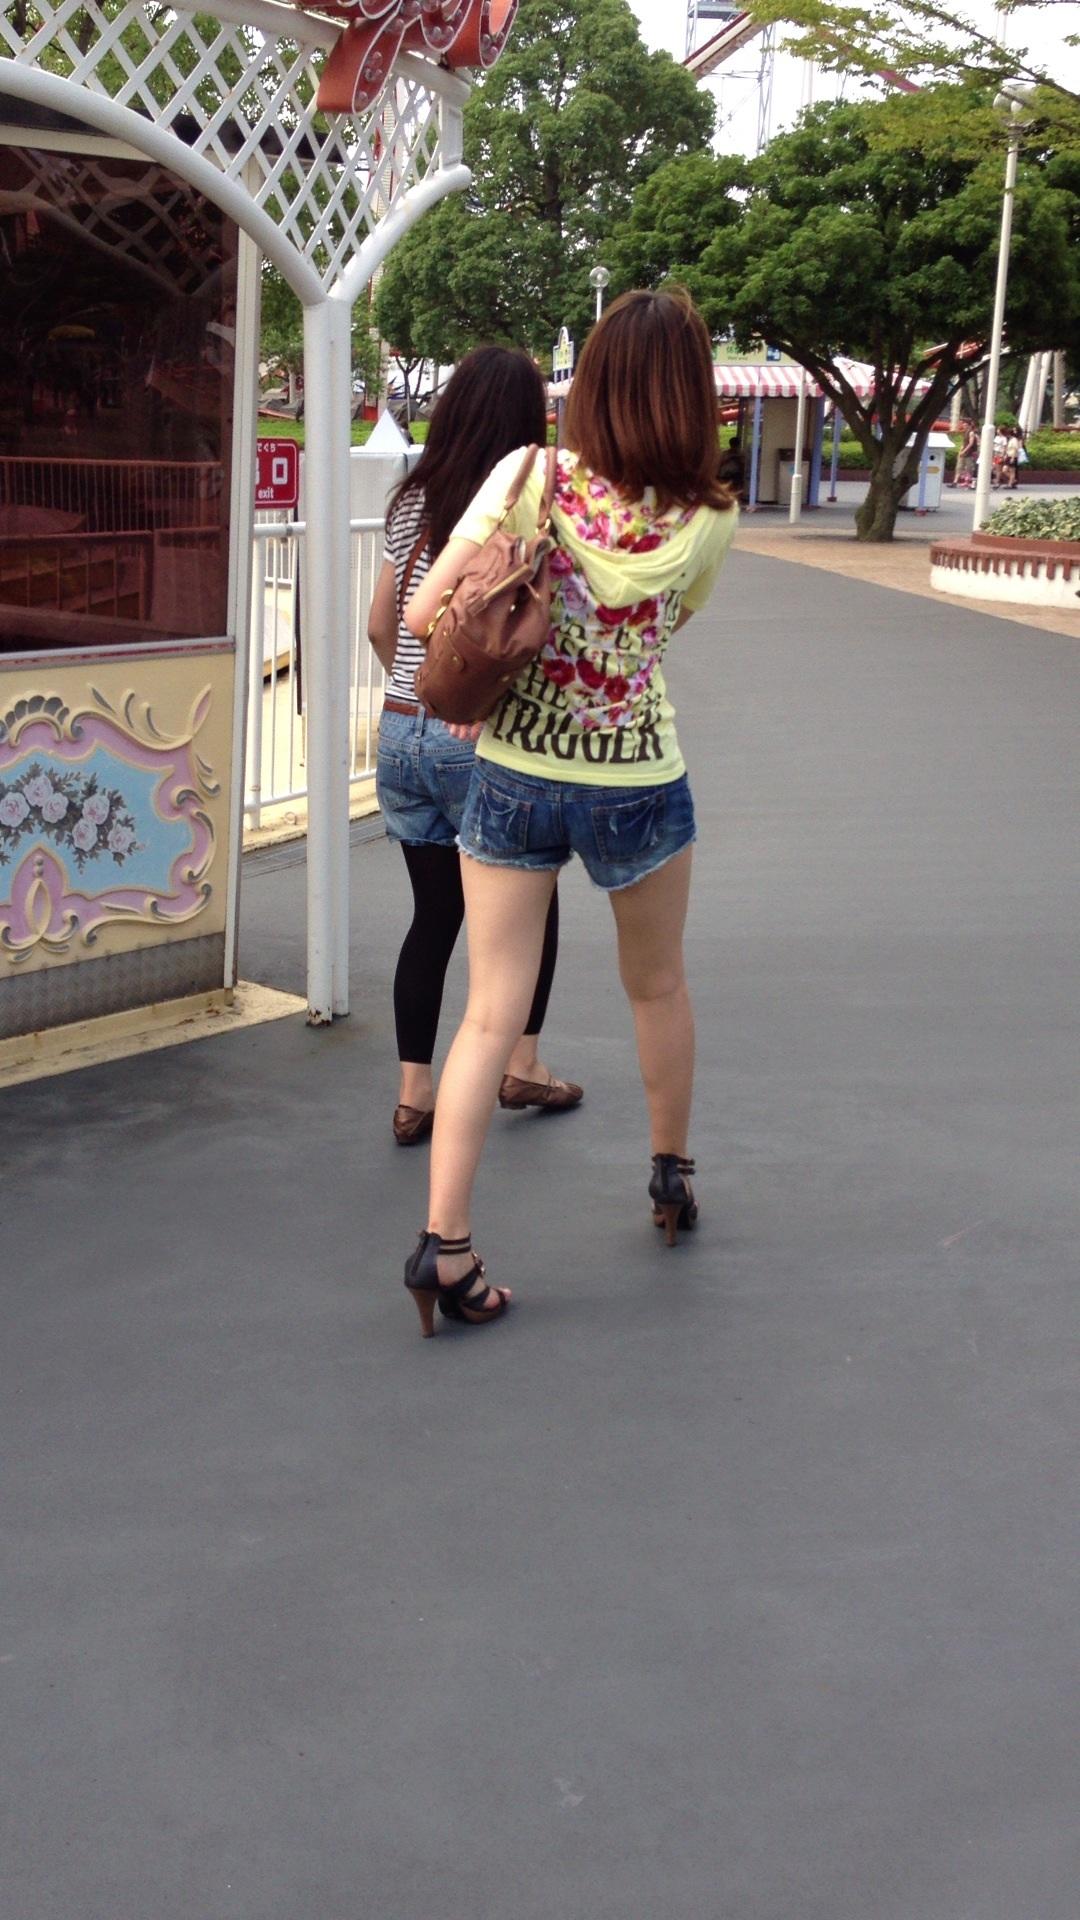 【短パン街撮り画像】美脚とヒップラインが際立つ短パン女性を背後から眺める 09